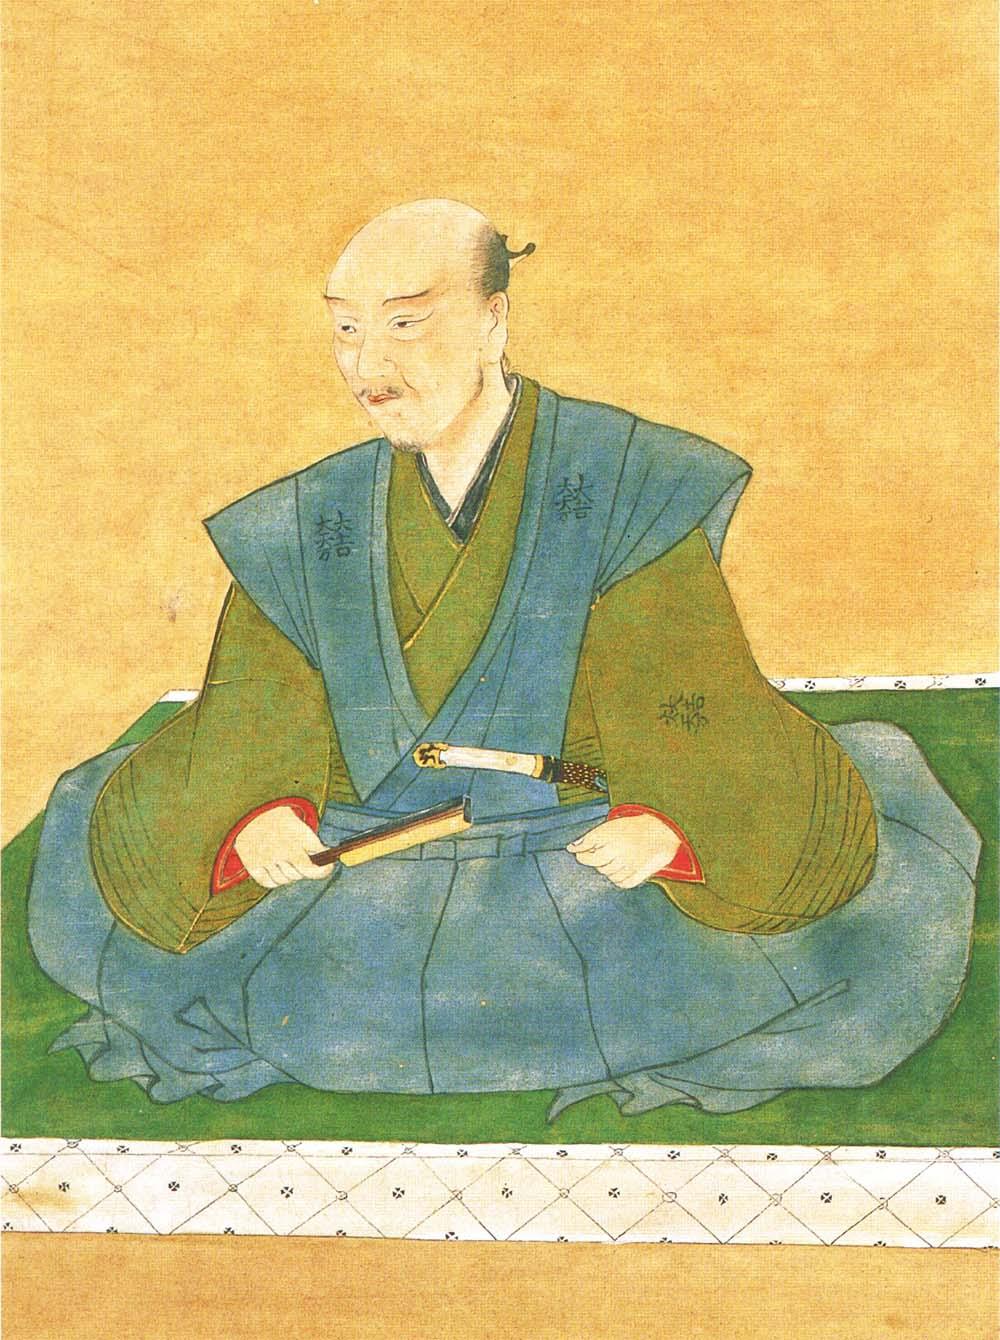 石田三成像(東京大学史料編纂所所蔵)